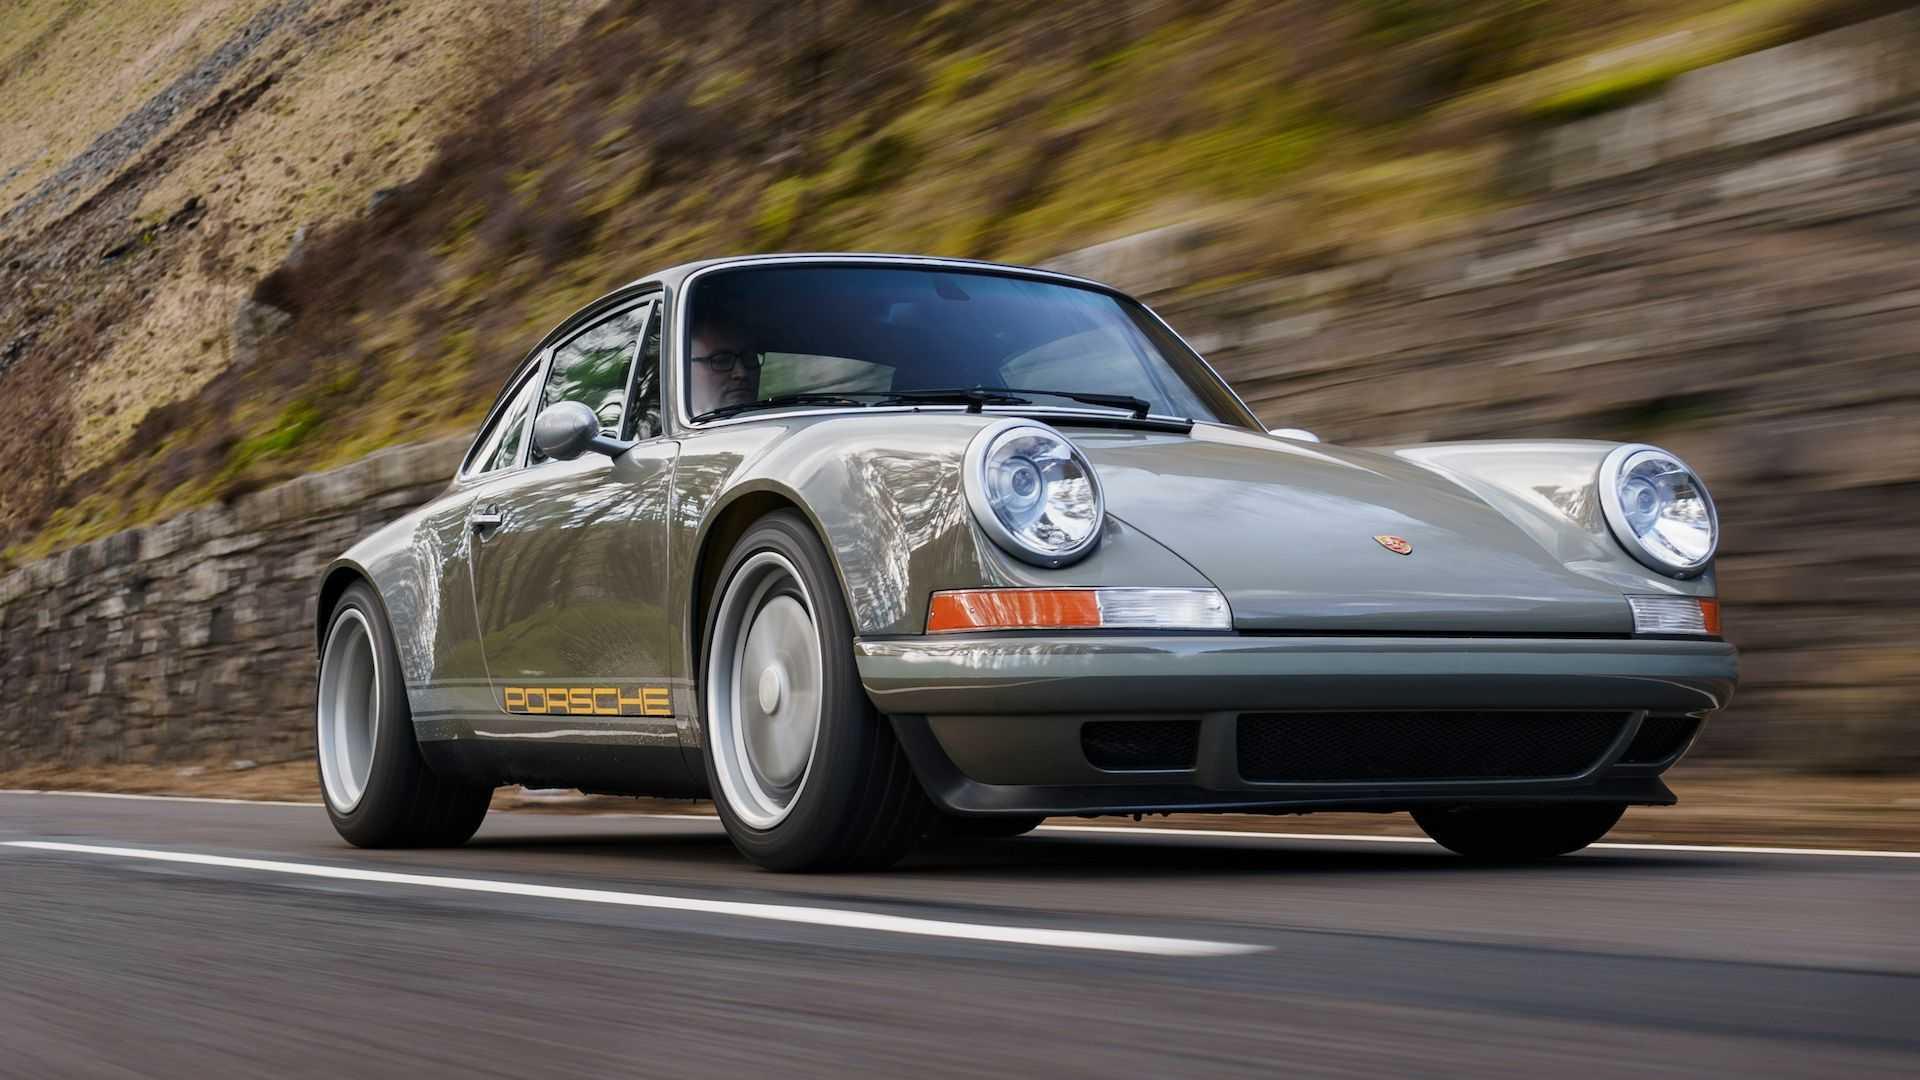 Theon-Design-HK002-Porsche-911-1